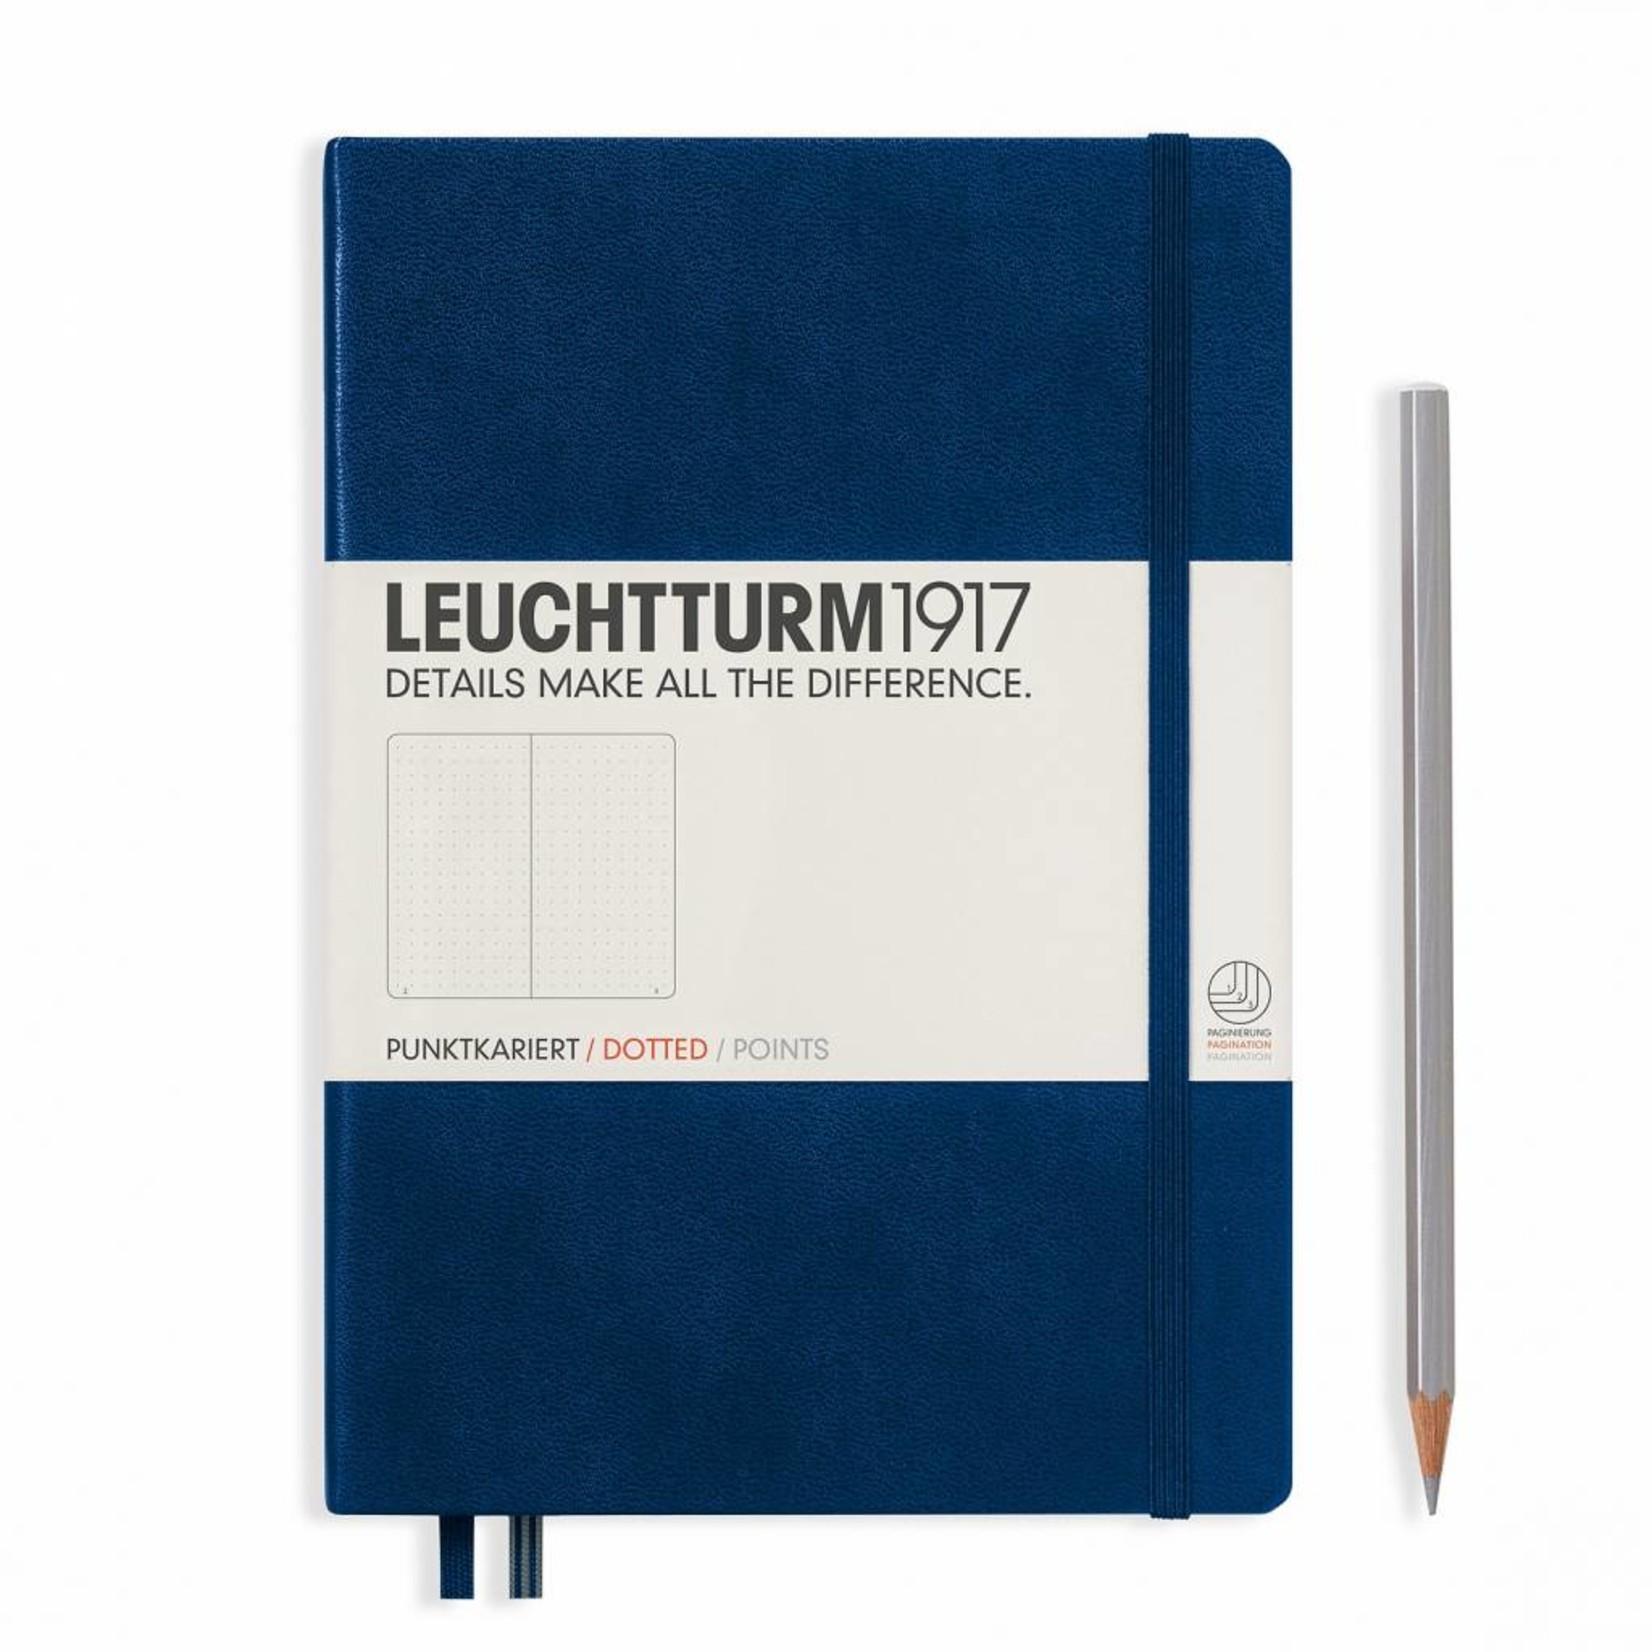 Leuchtturm1917 Leuchtturm1917 Notizbuch, Medium, Marine, Dotted